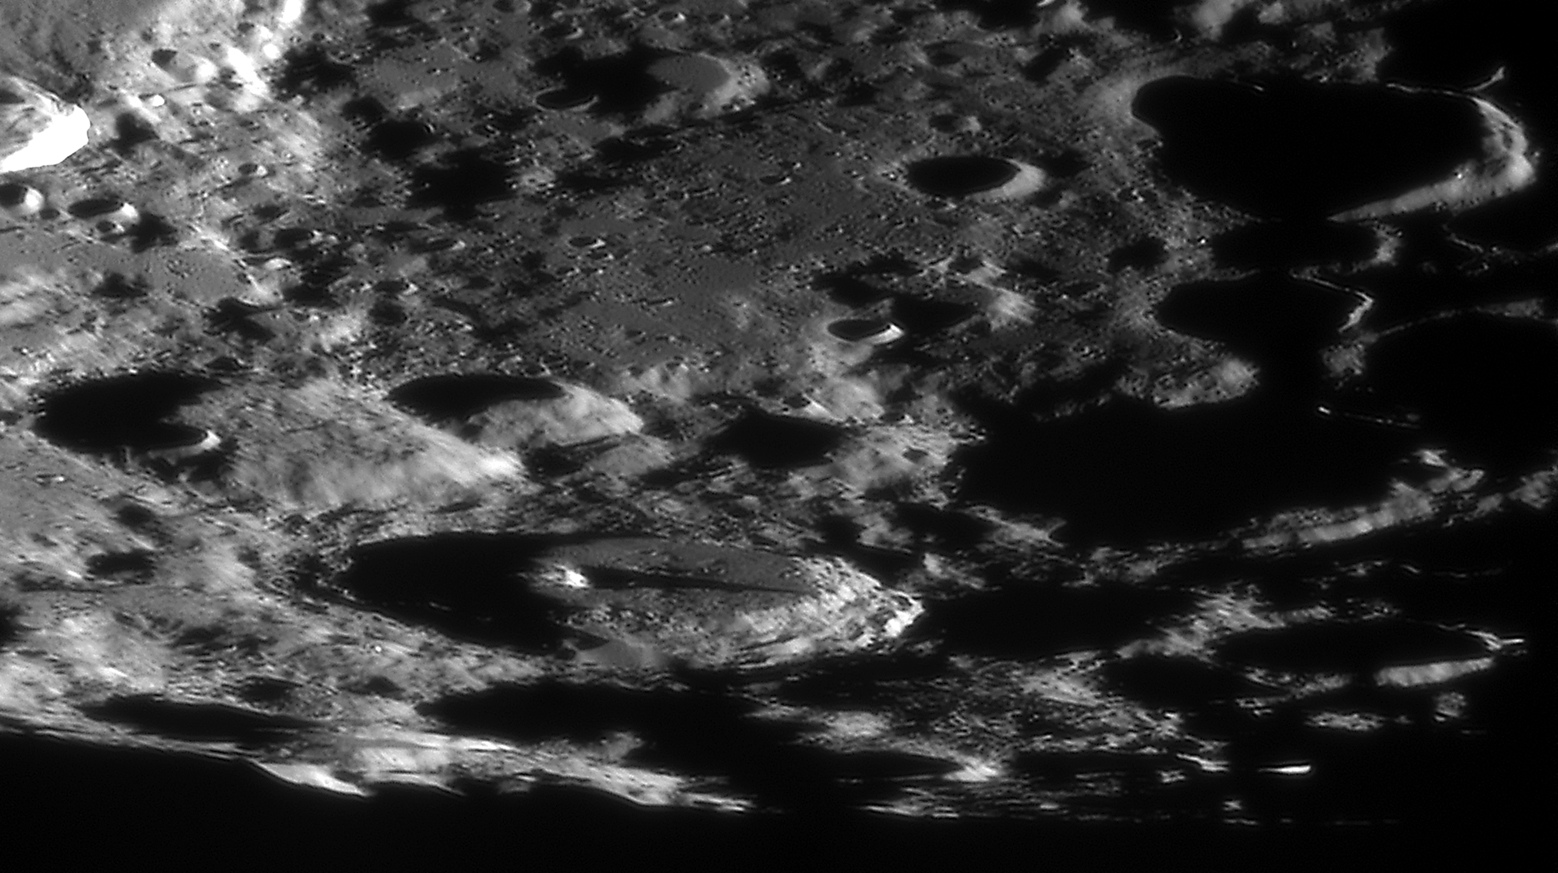 Lune 12/07/2020 C14 ASI290 Filtre IR610 Barlow 2X CLAVE : MORETUS